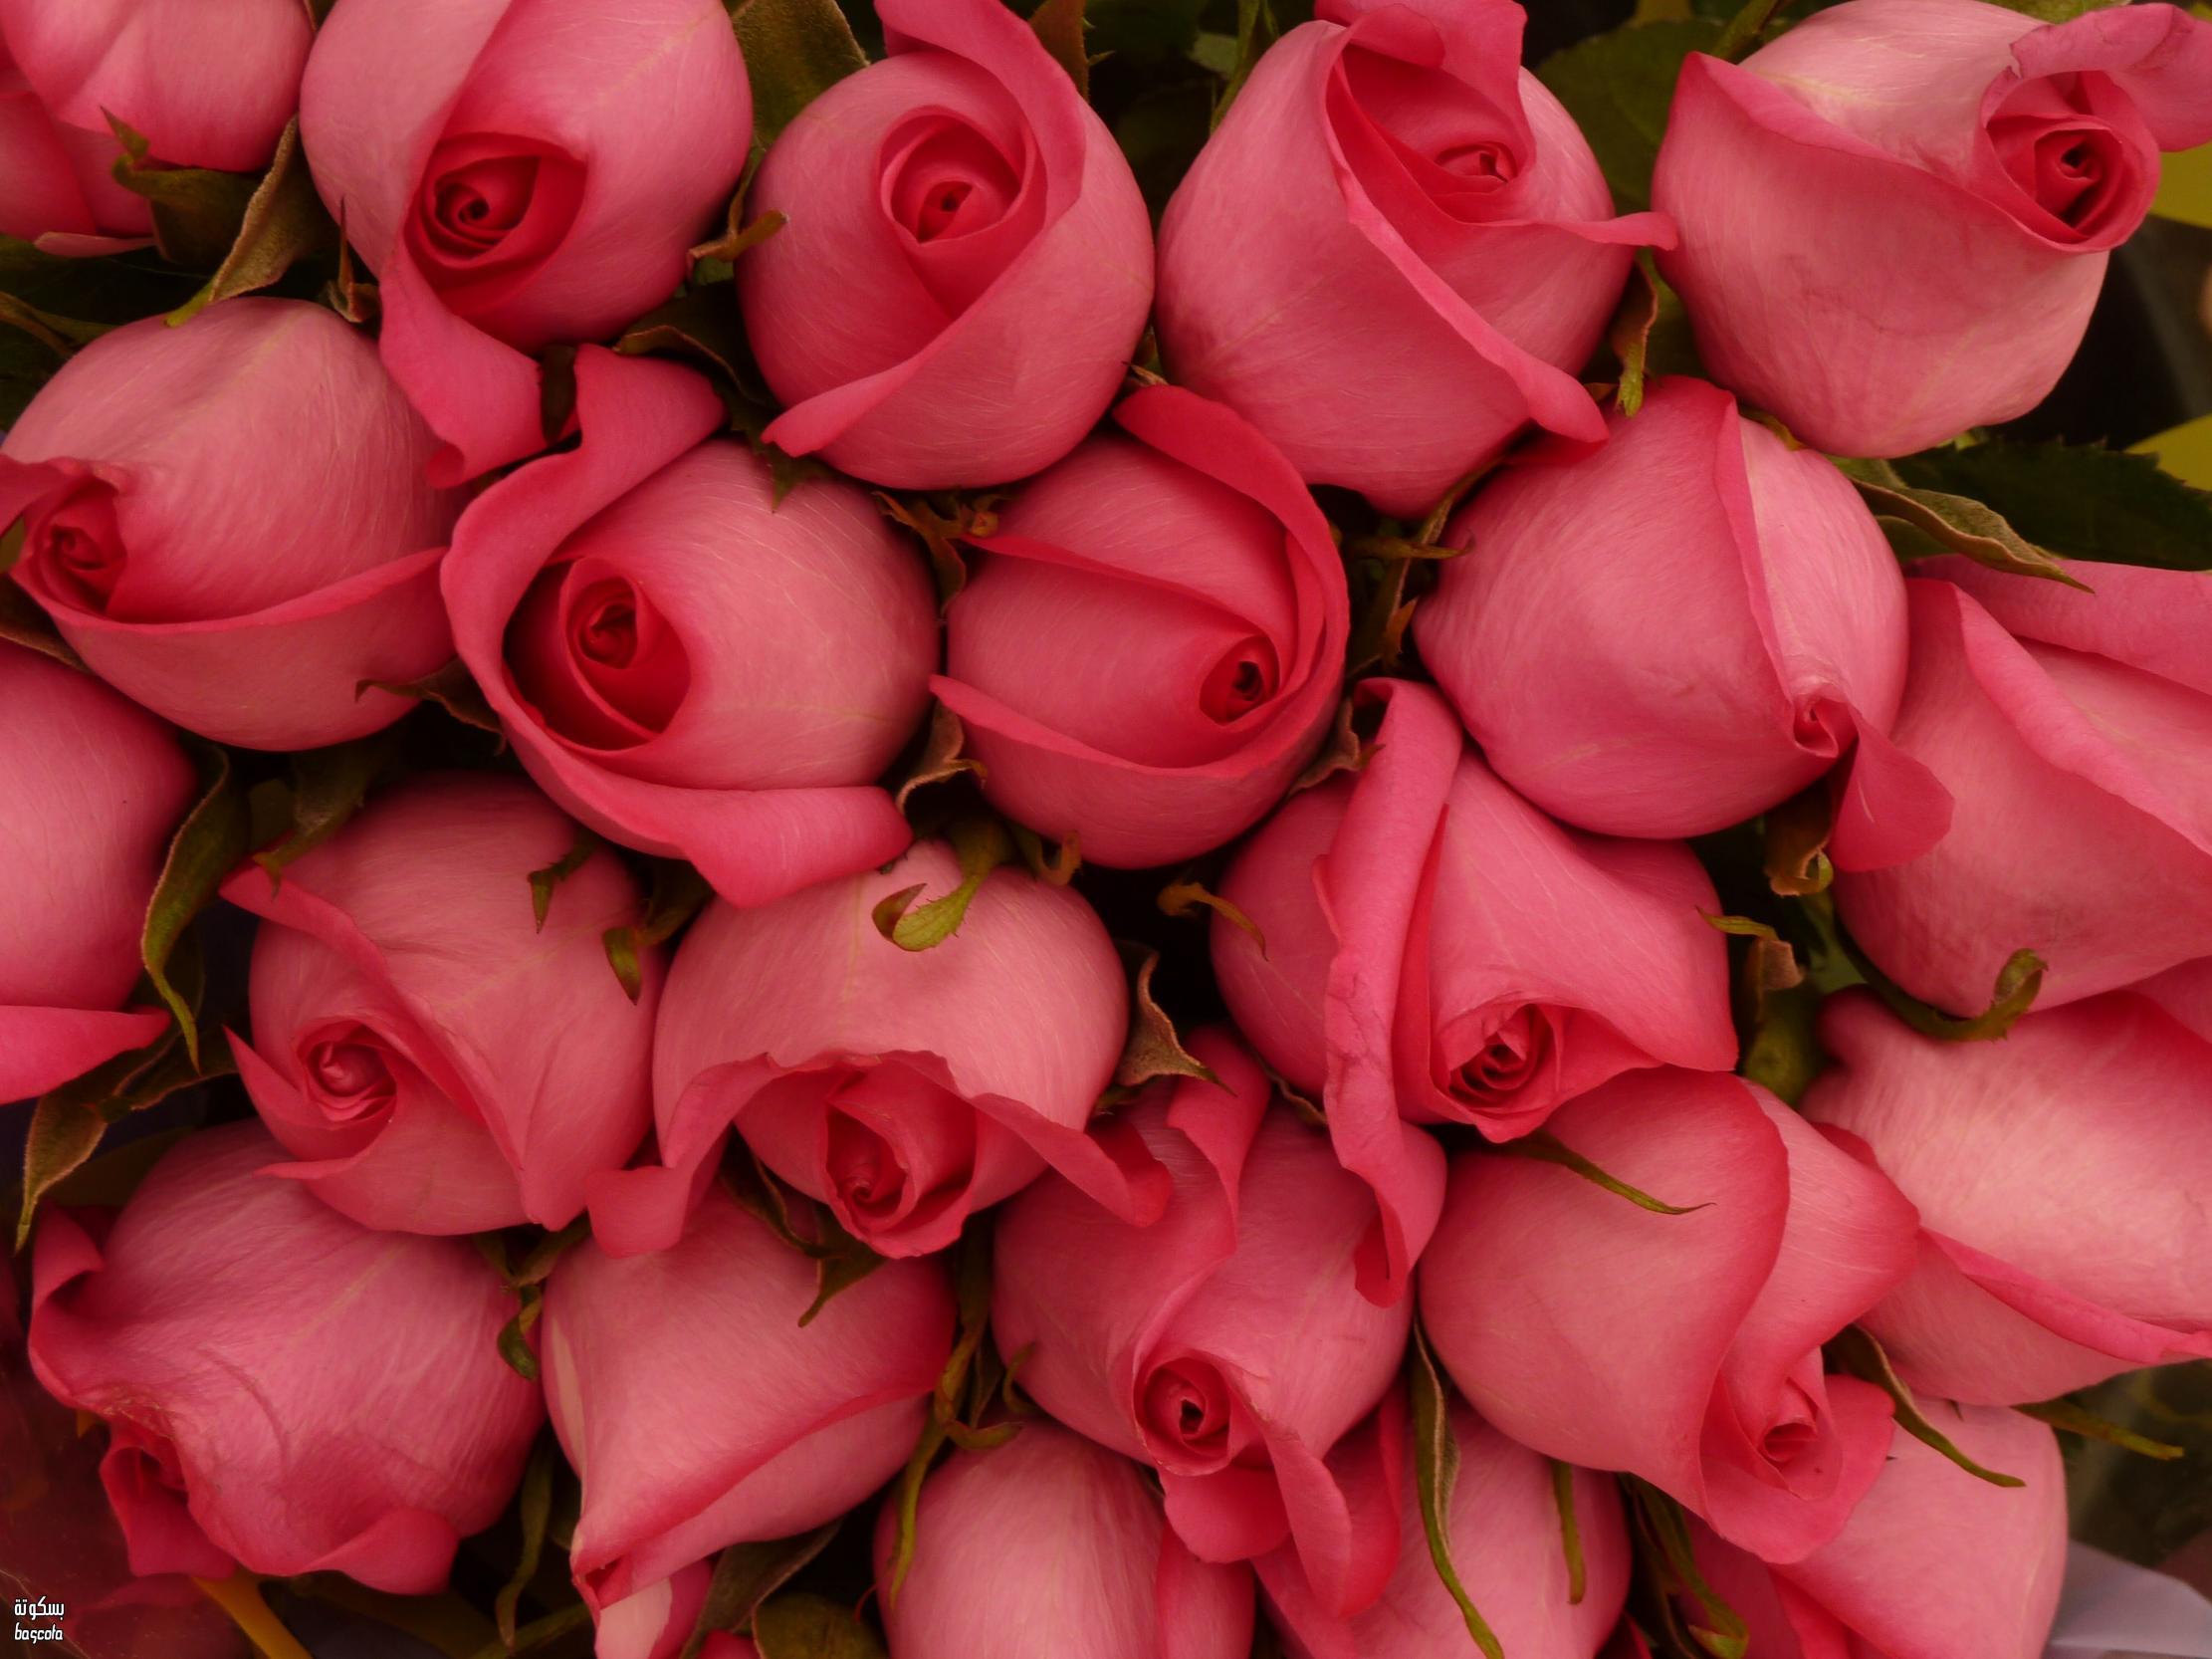 الزهور للملف الشخصي 4